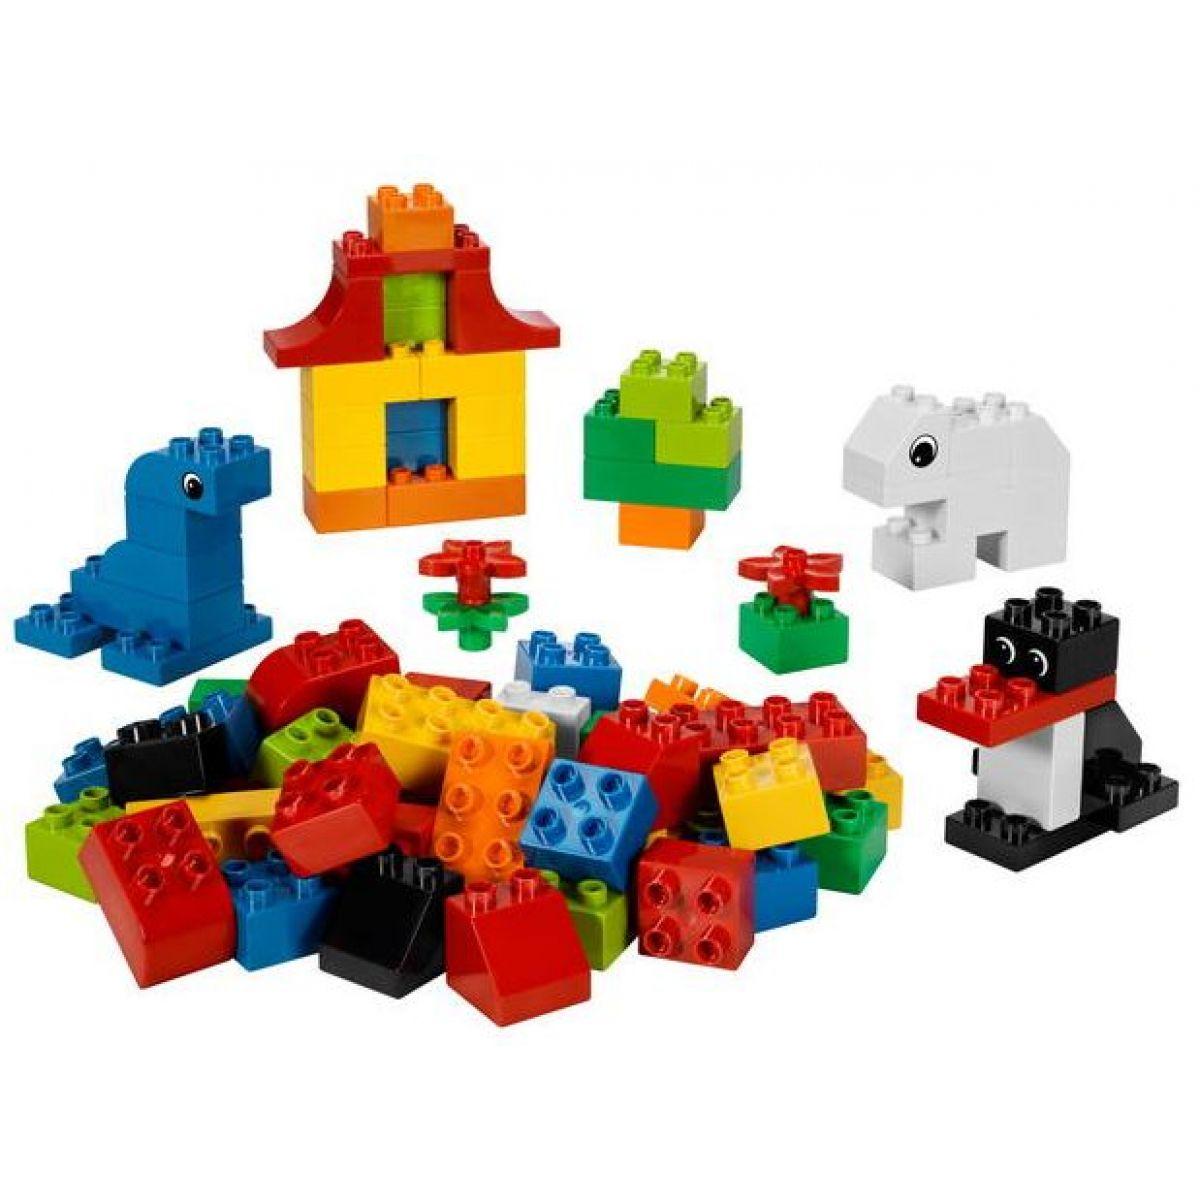 LEGO DUPLO 5548 DUPLO Zábavné stavění #2